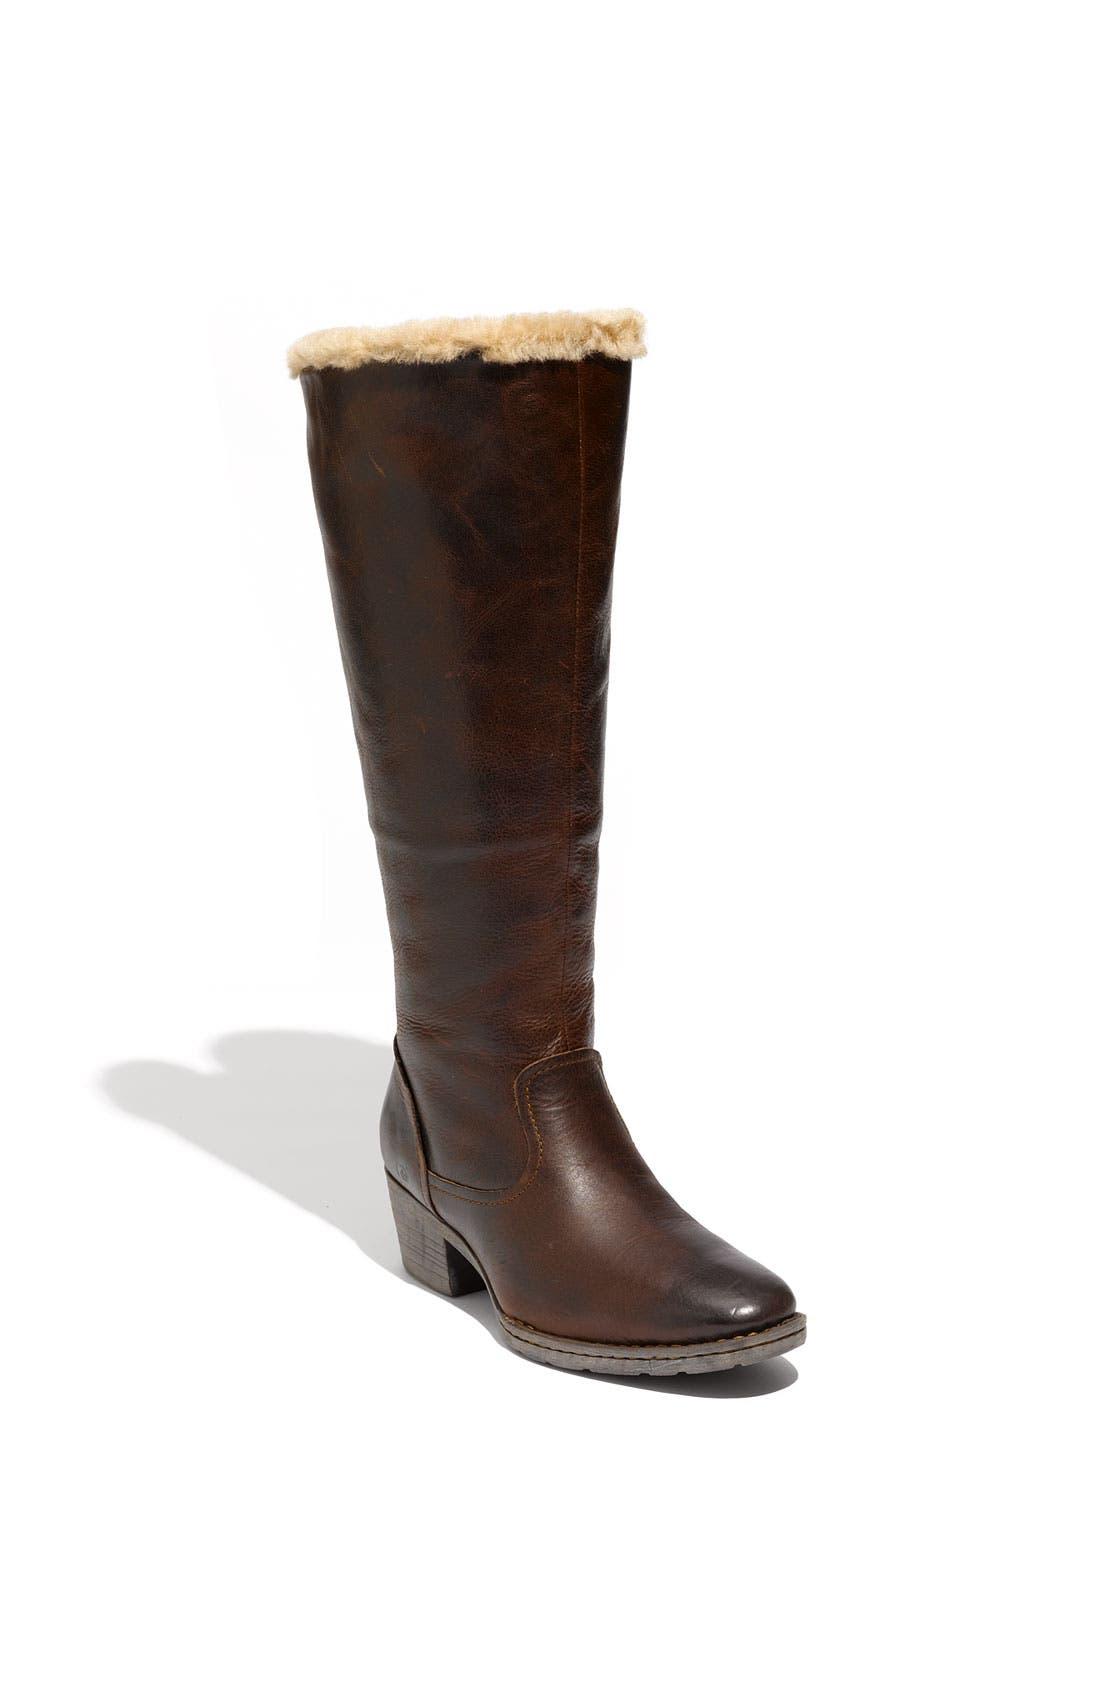 Alternate Image 1 Selected - Børn 'Aleksi' Boot